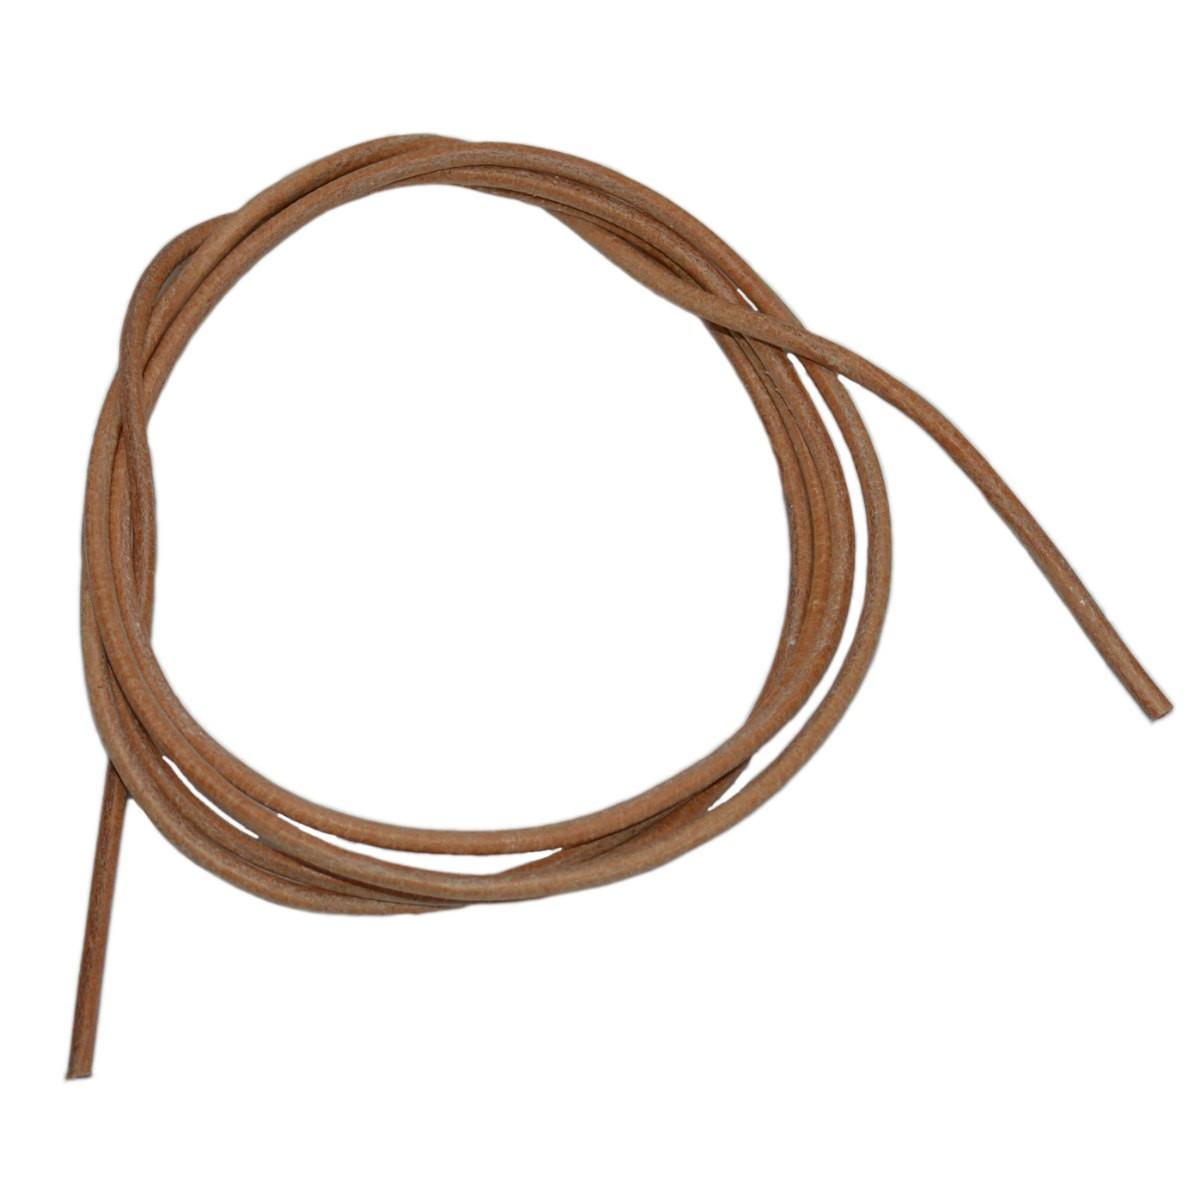 lacet en cuir rond 2mm cordon en cuir pour bijoux cordon lani re lacet cuir coloris brun. Black Bedroom Furniture Sets. Home Design Ideas